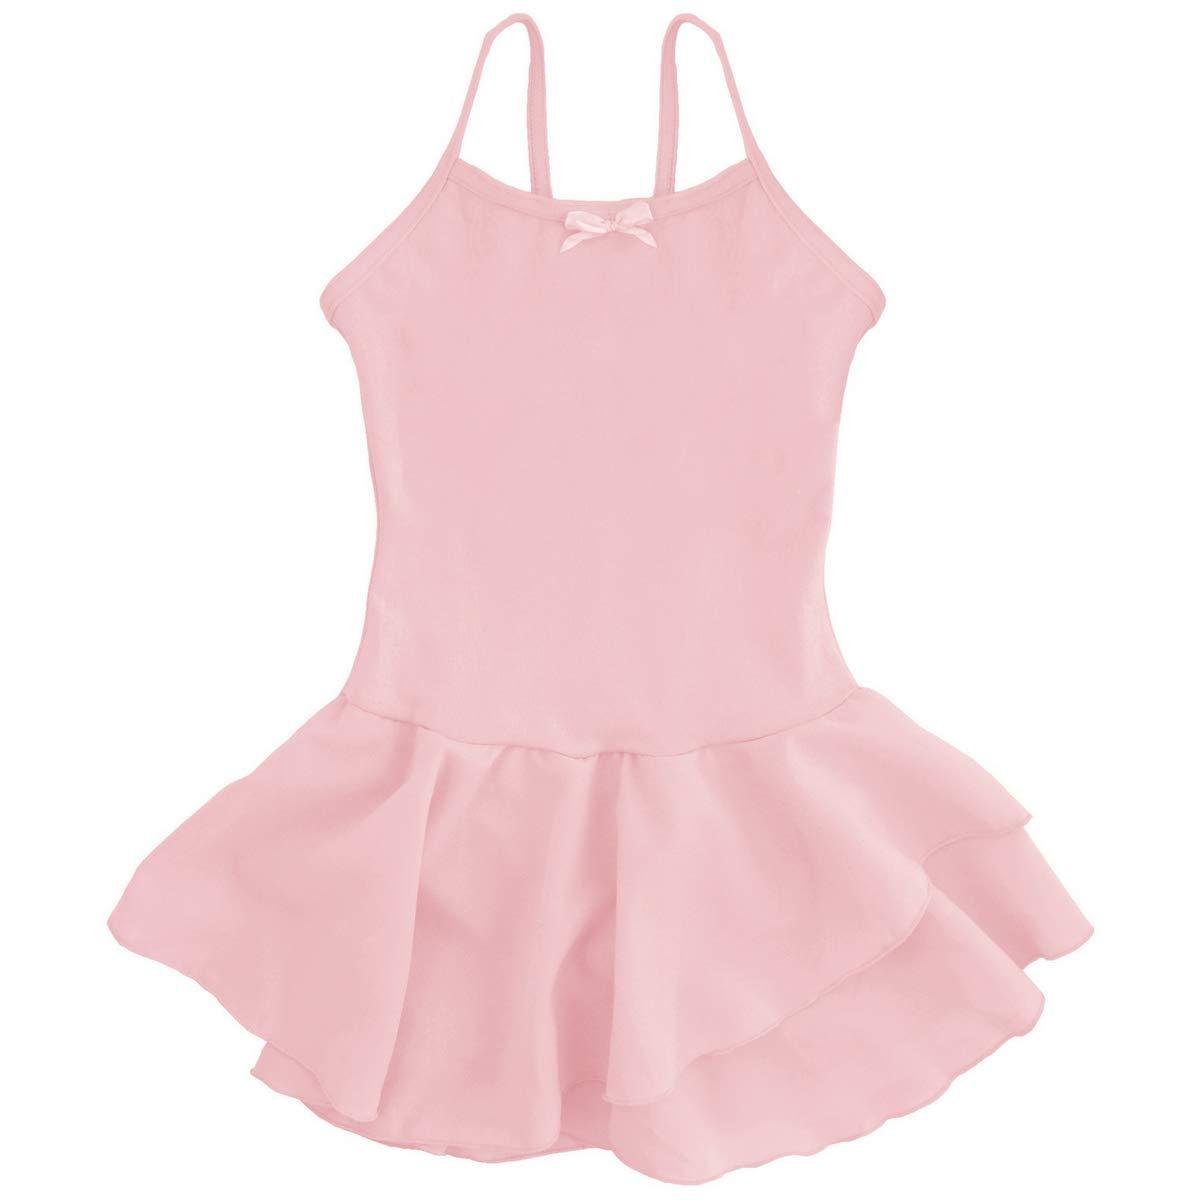 Dancina Ballet Leotards for Girls 8 Ballet Pink